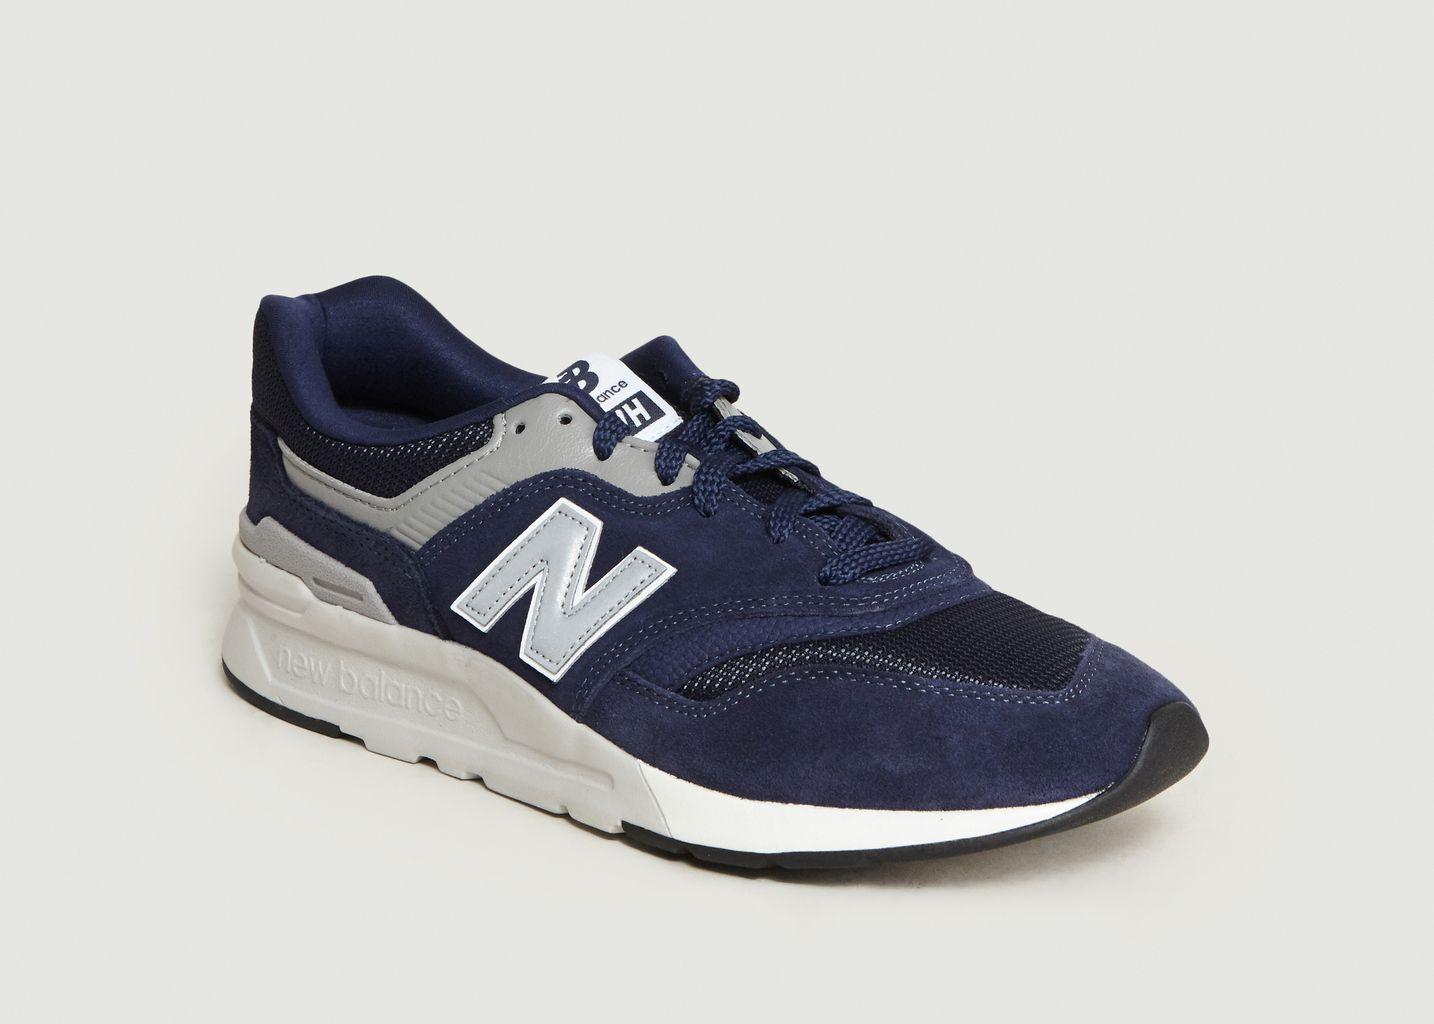 new balance 997h bleu